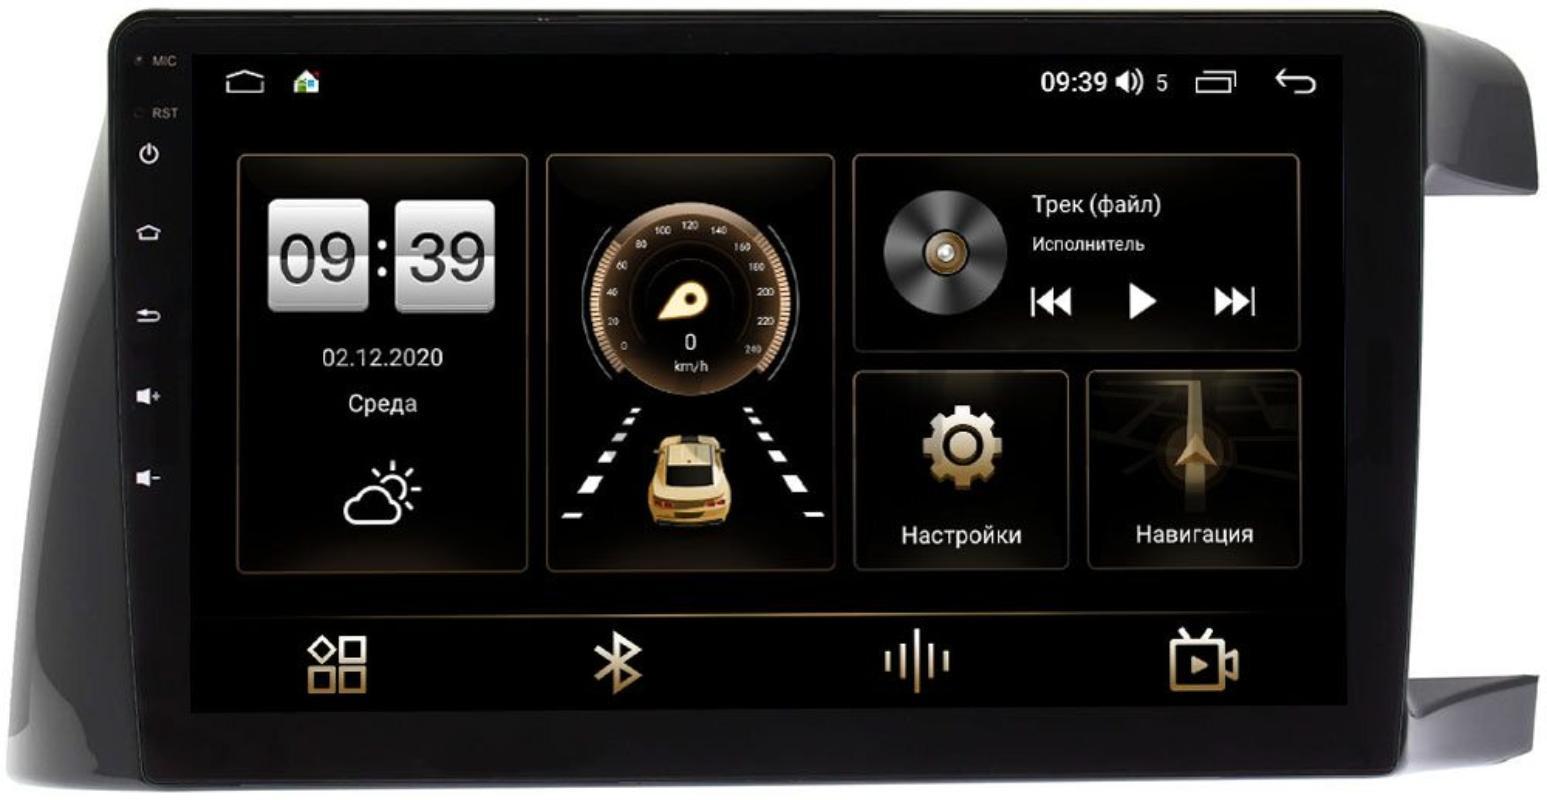 Штатная магнитола Toyota Wish I 2003-2009 (Тип 2) LeTrun 4165-10-TO383T на Android 10 (4G-SIM, 3/32, DSP, QLed) (+ Камера заднего вида в подарок!)